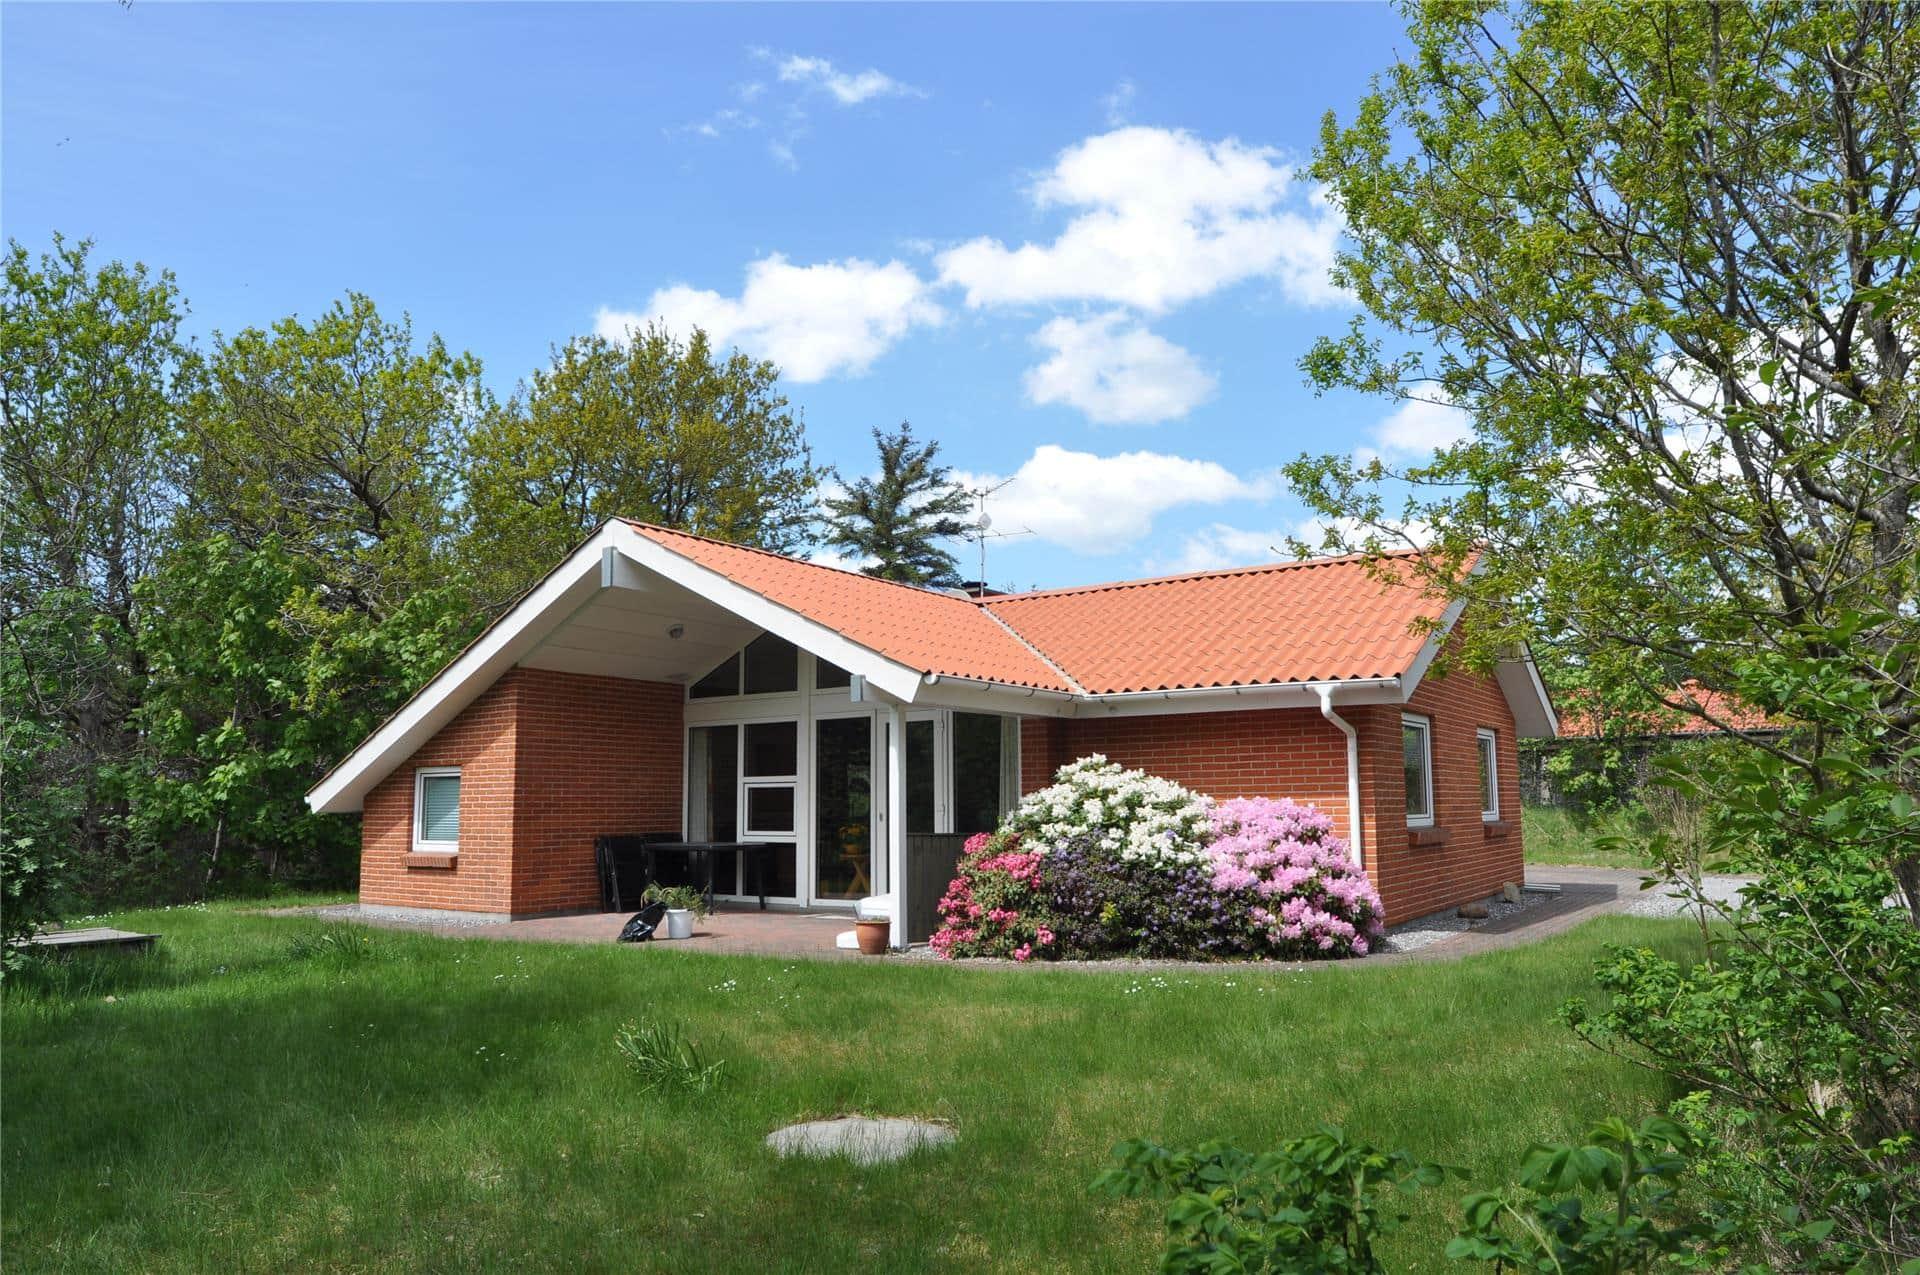 Afbeelding 1-175 Vakantiehuis 40810, Hagevej 116, DK - 6990 Ulfborg